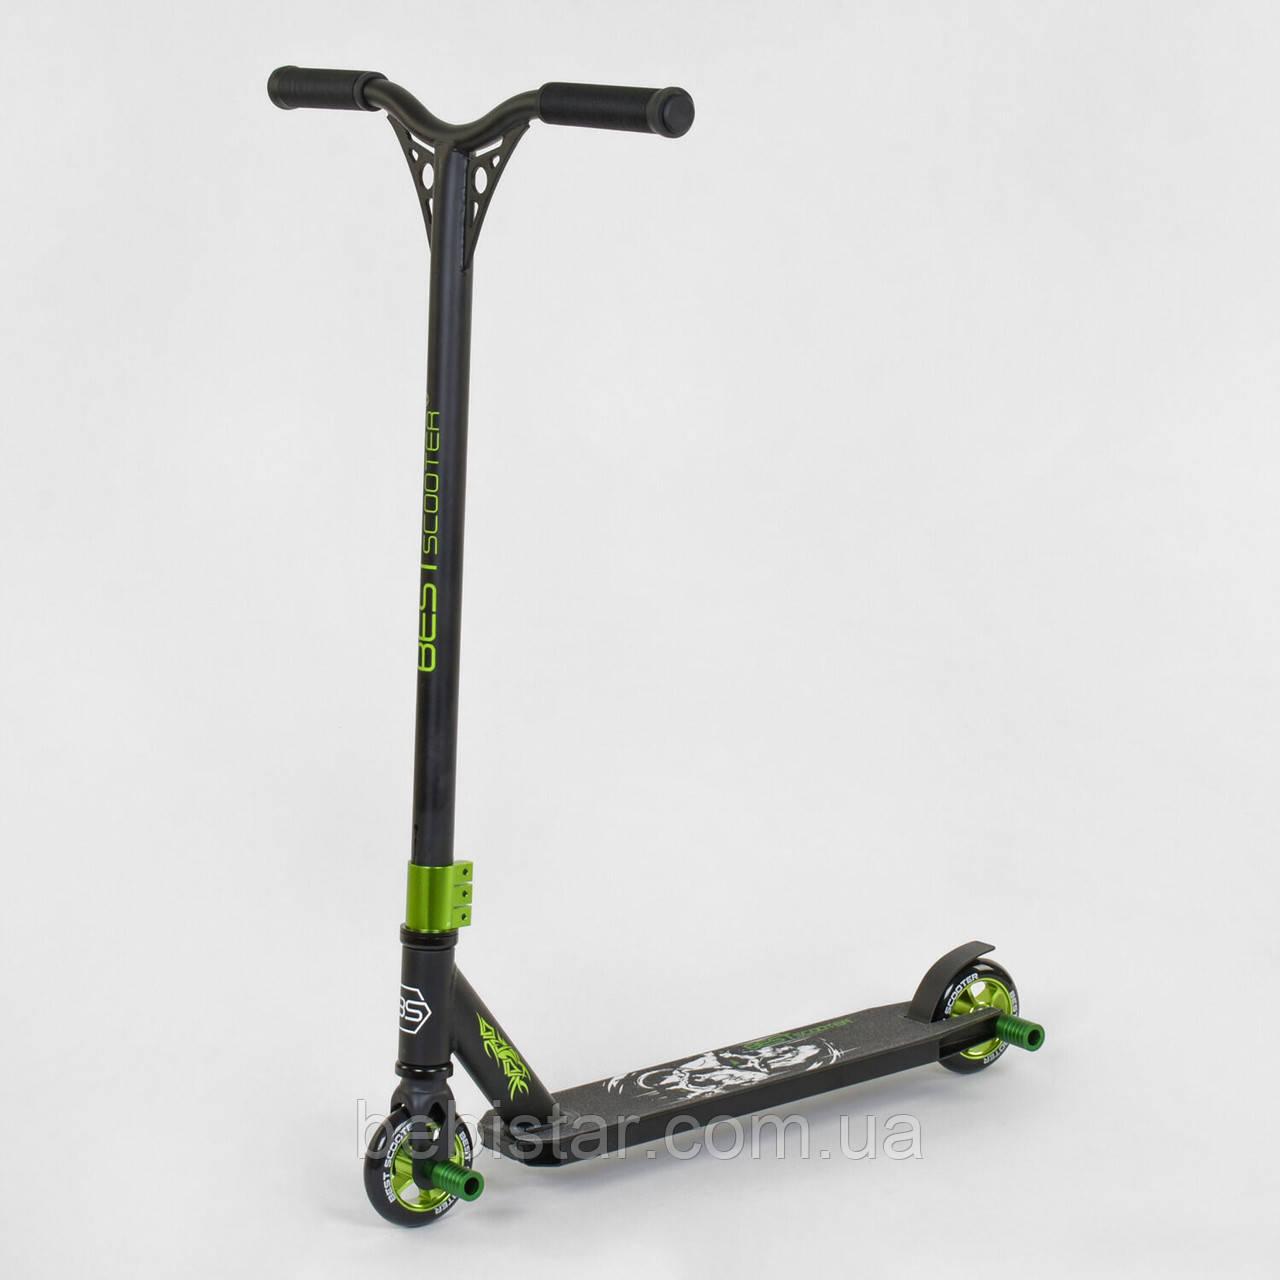 Самокат трюковый черный Best Scooter, алюминиевый зеленый диск, полиуретановые колеса, нагрузка 100 кг